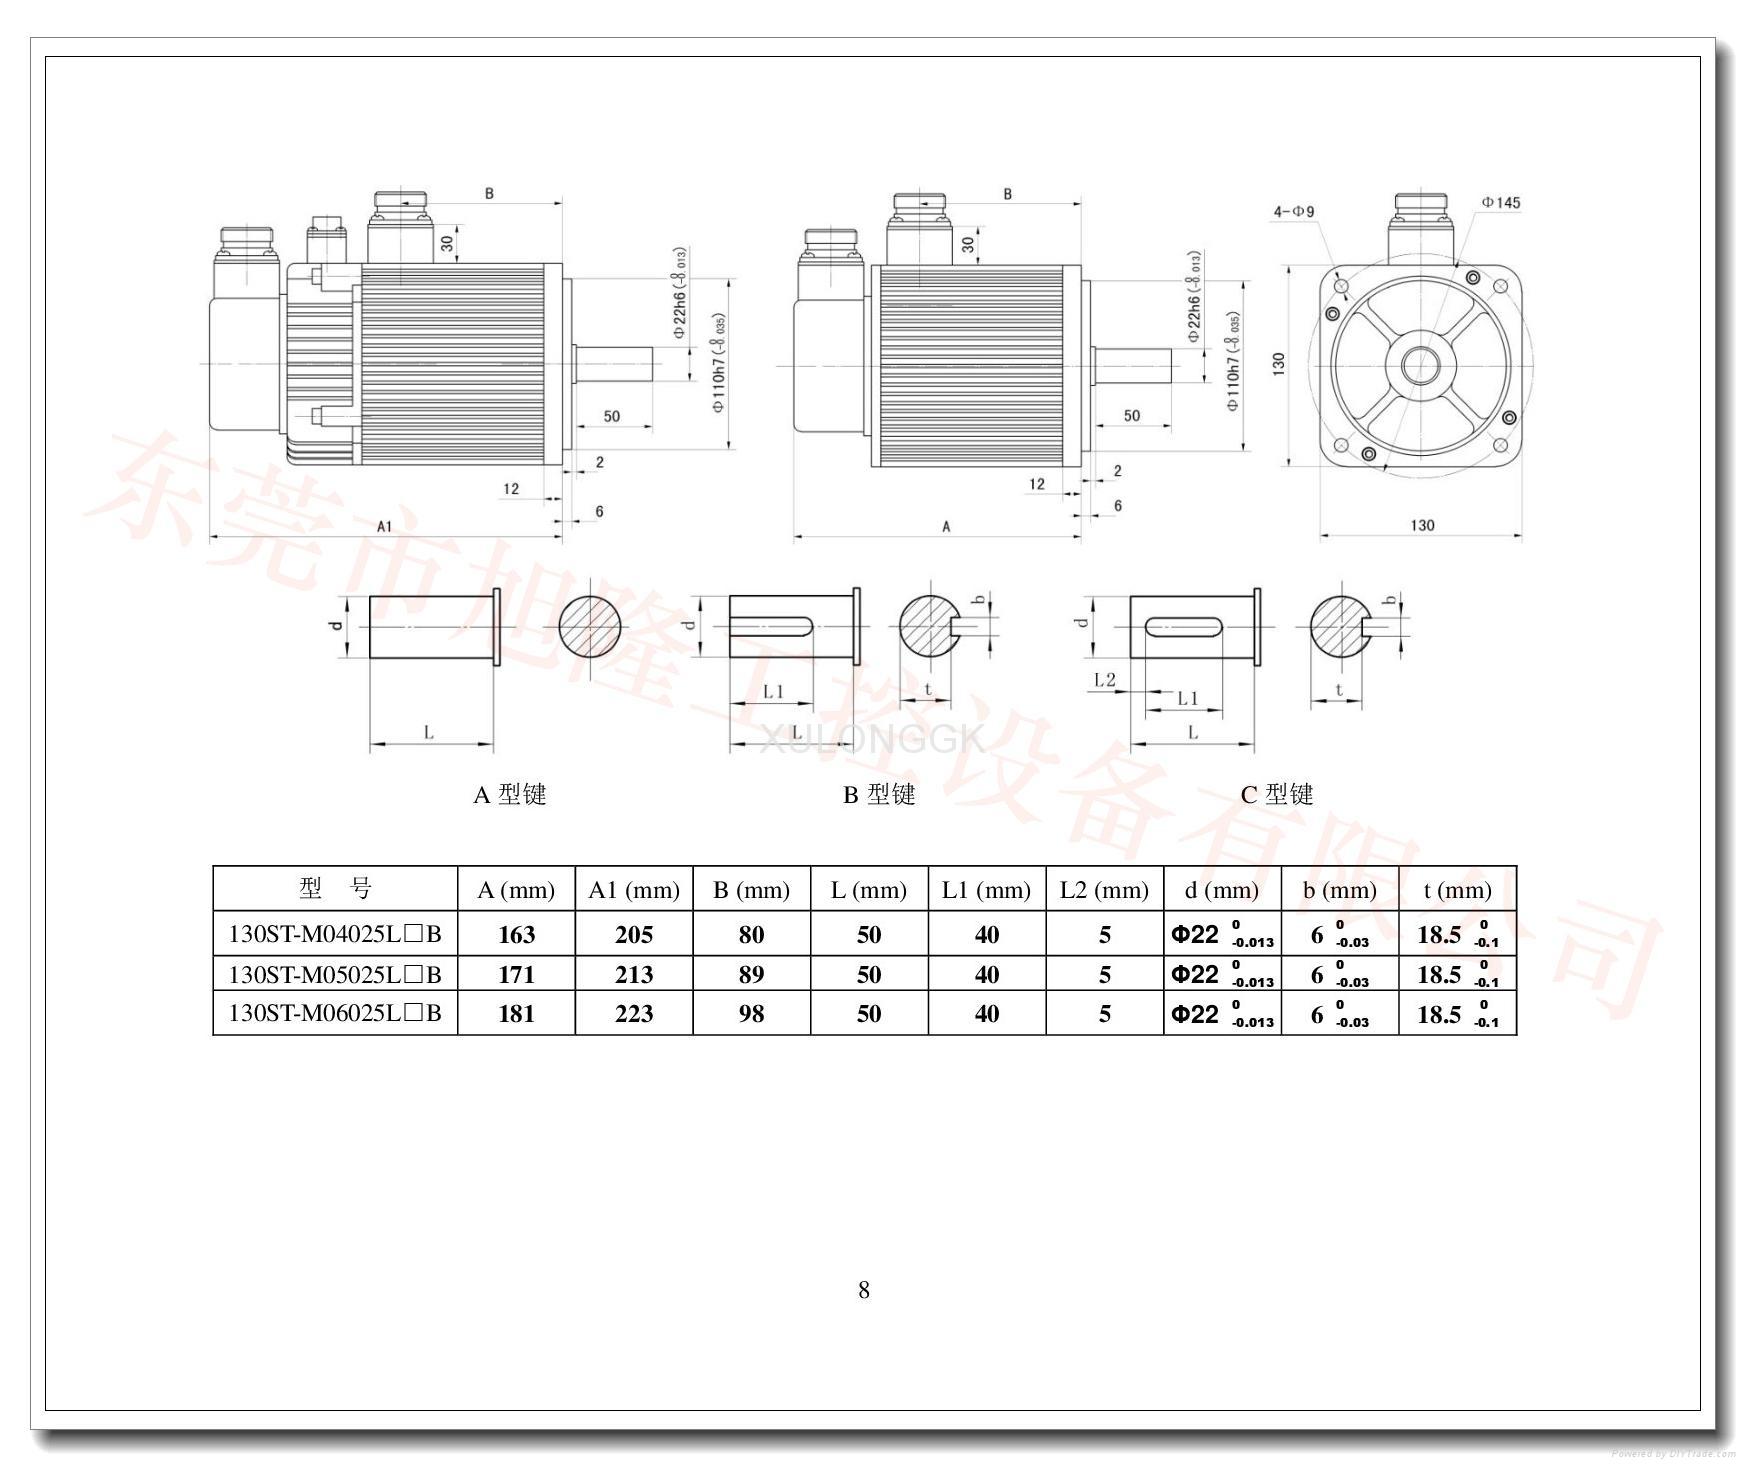 华大伺服电机配K系列驱动器130ST-M05025LFB 1.3kw 5N  220V 雕刻机用 3